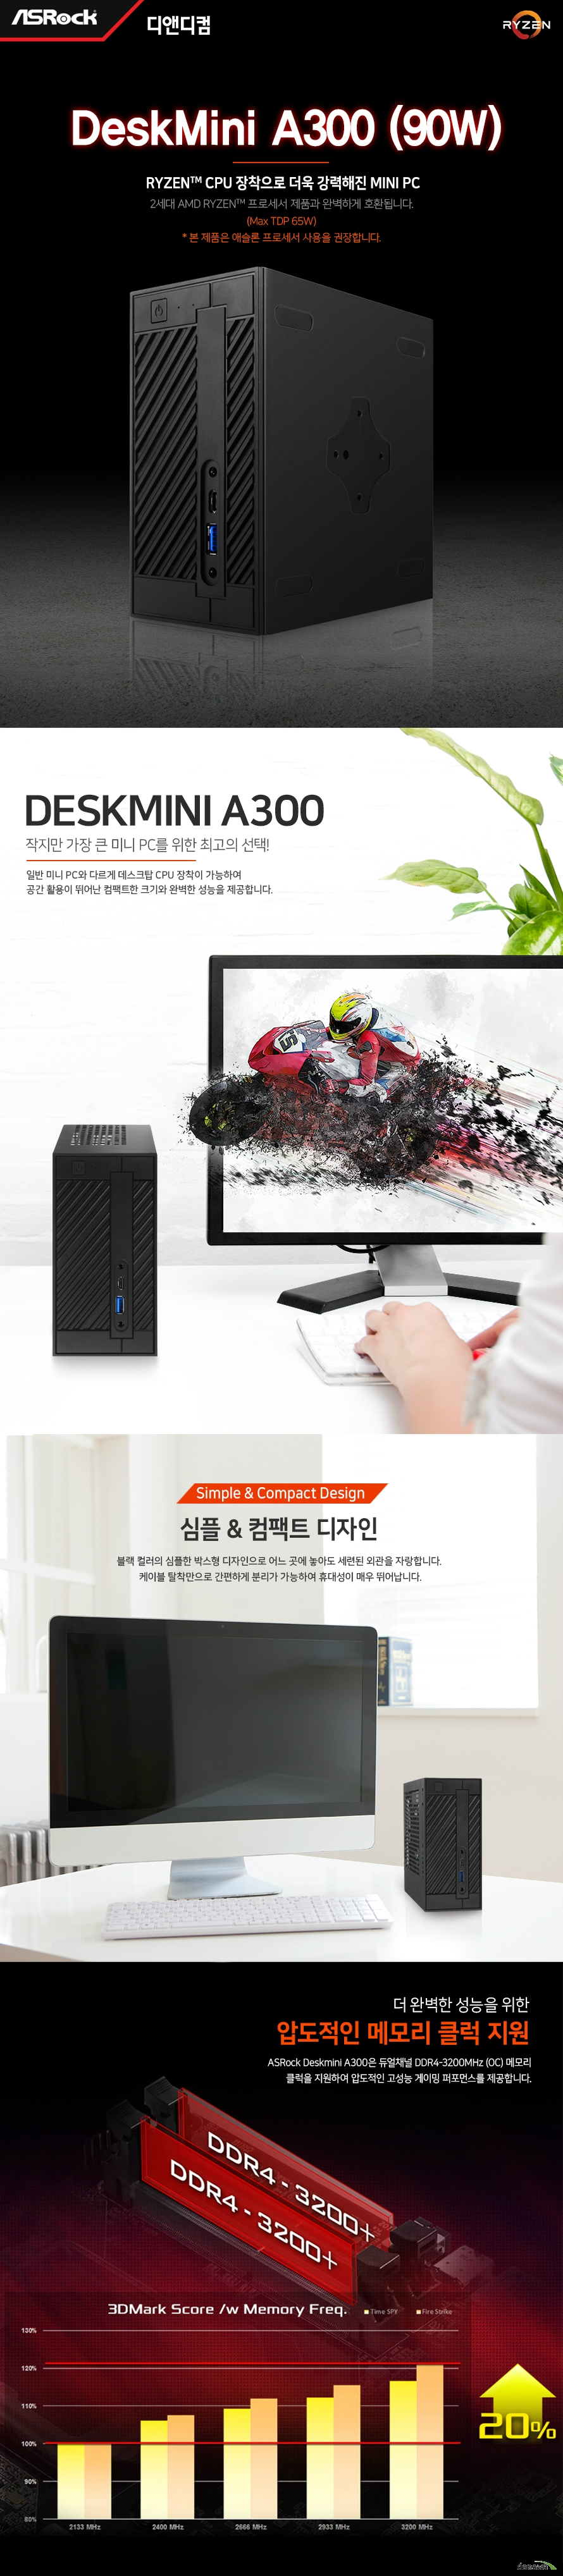 ASRock DeskMini A300 2200G 90W M2 Win10Pro (4GB, M2 128GB)